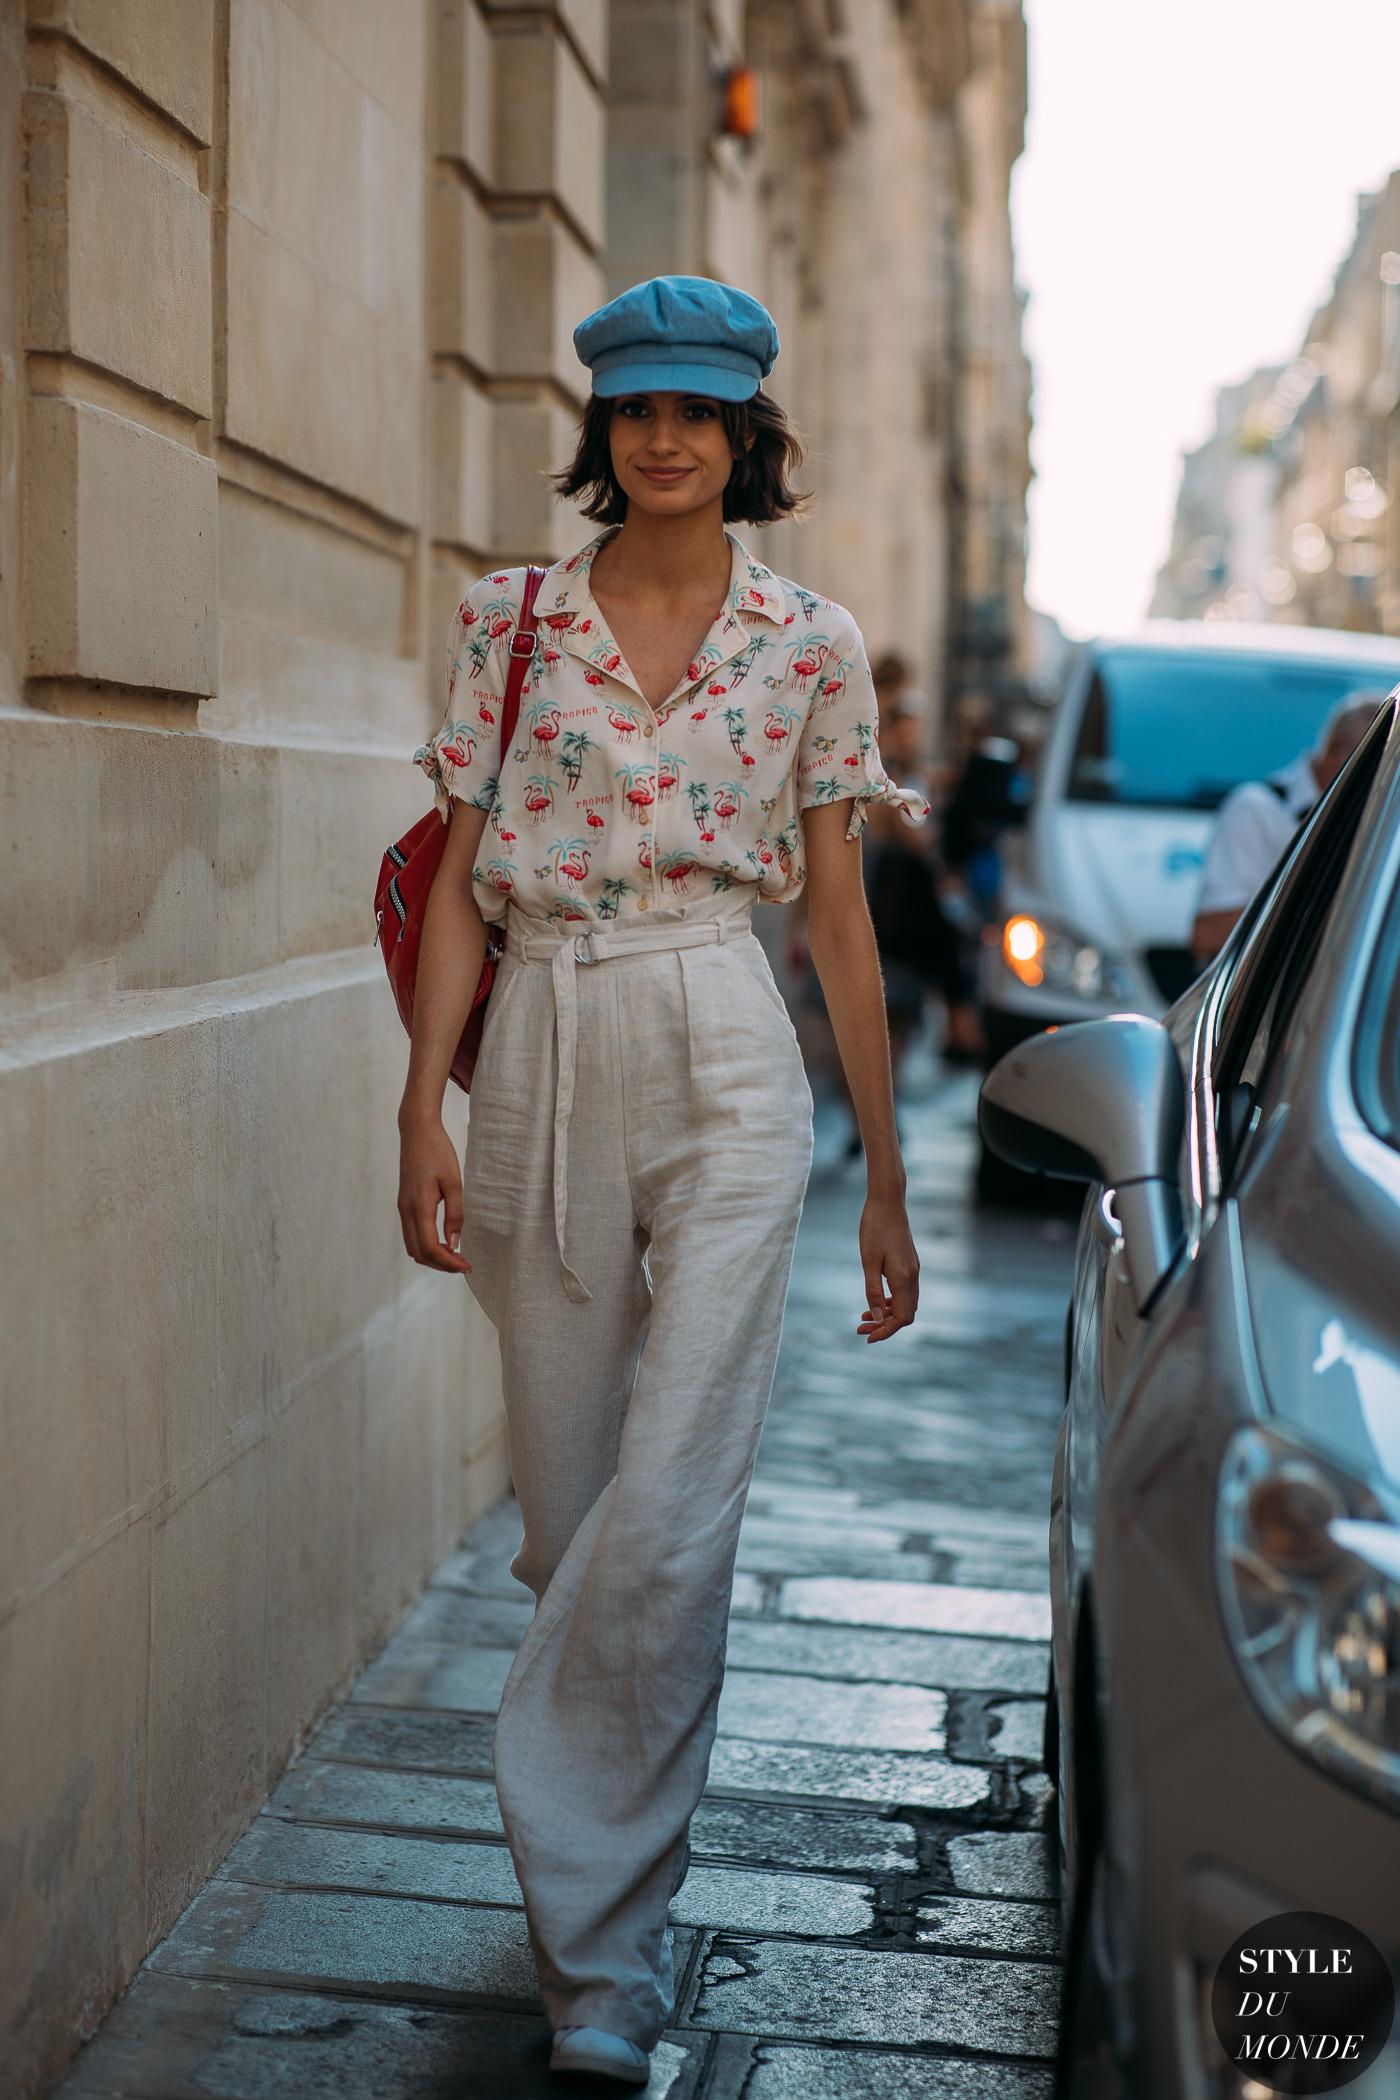 người mẫu mặc áo sơ mi họa tiết đeo balo một bên style du monde